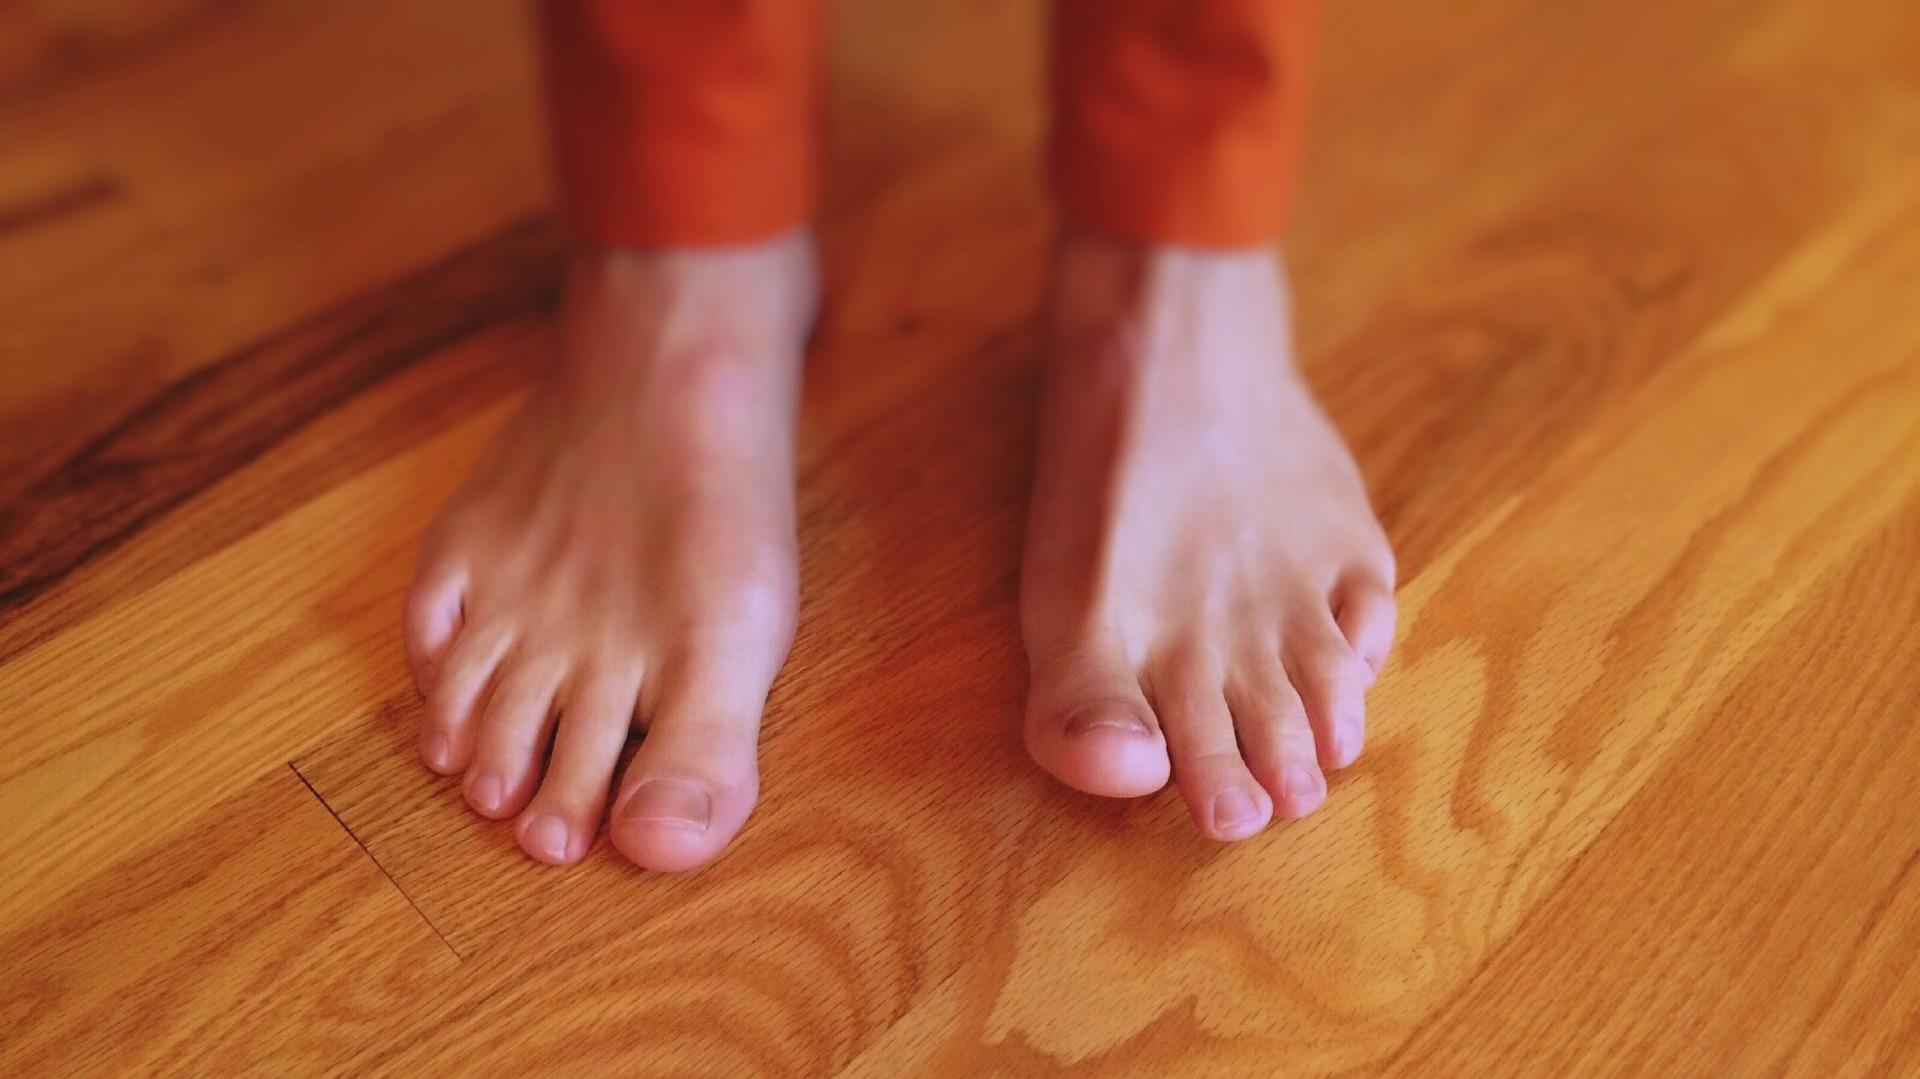 barefoot-938437_1920